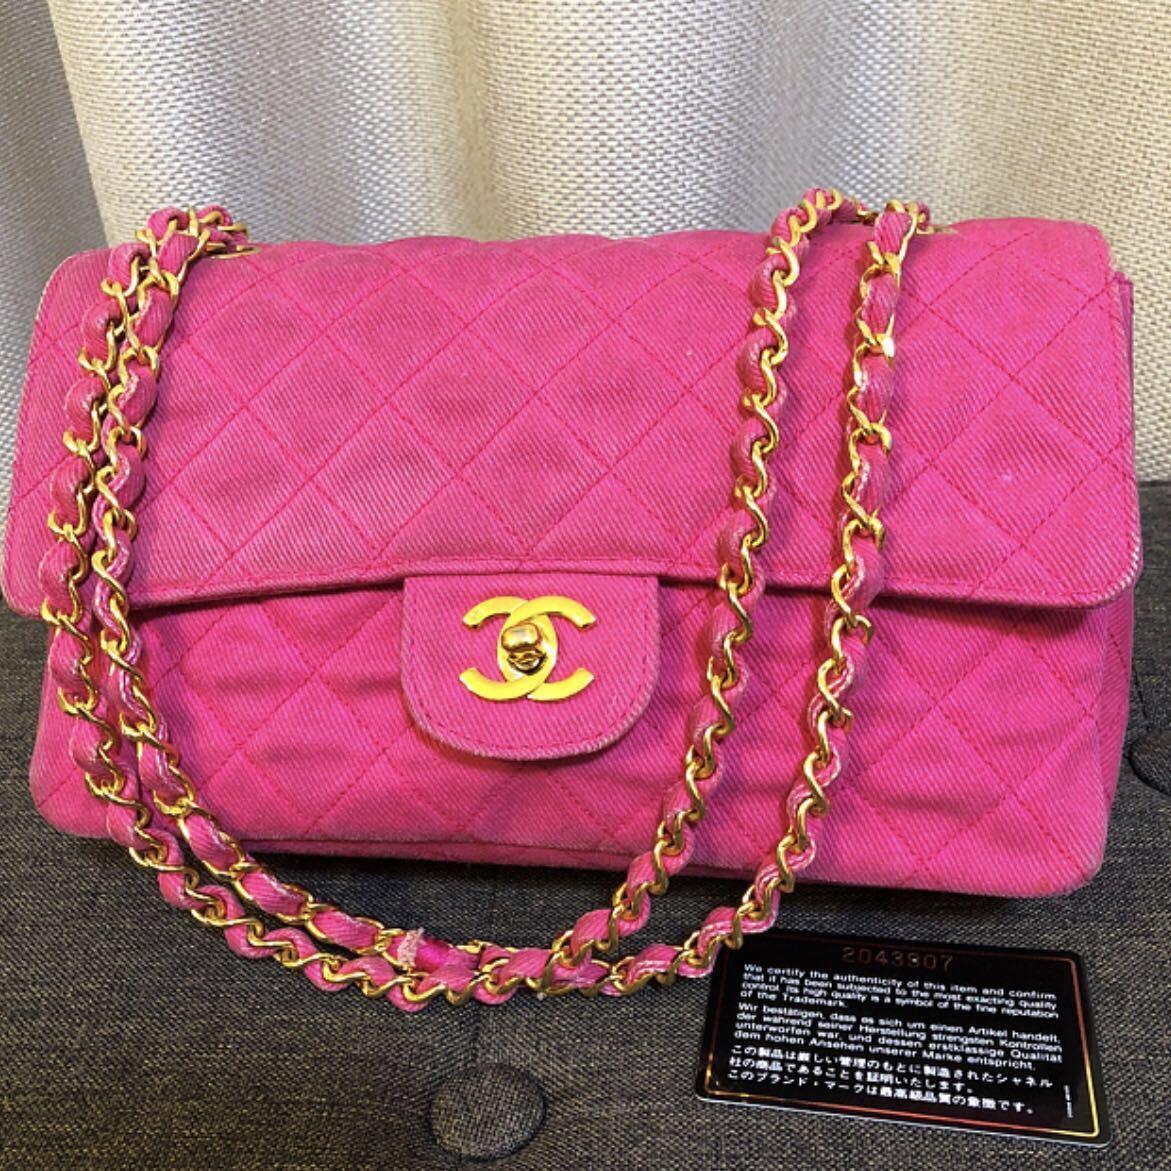 778992c63a80 シャネル ビンテージ ピンク デニム マトラッセ ショルダー バッグの1番目の画像